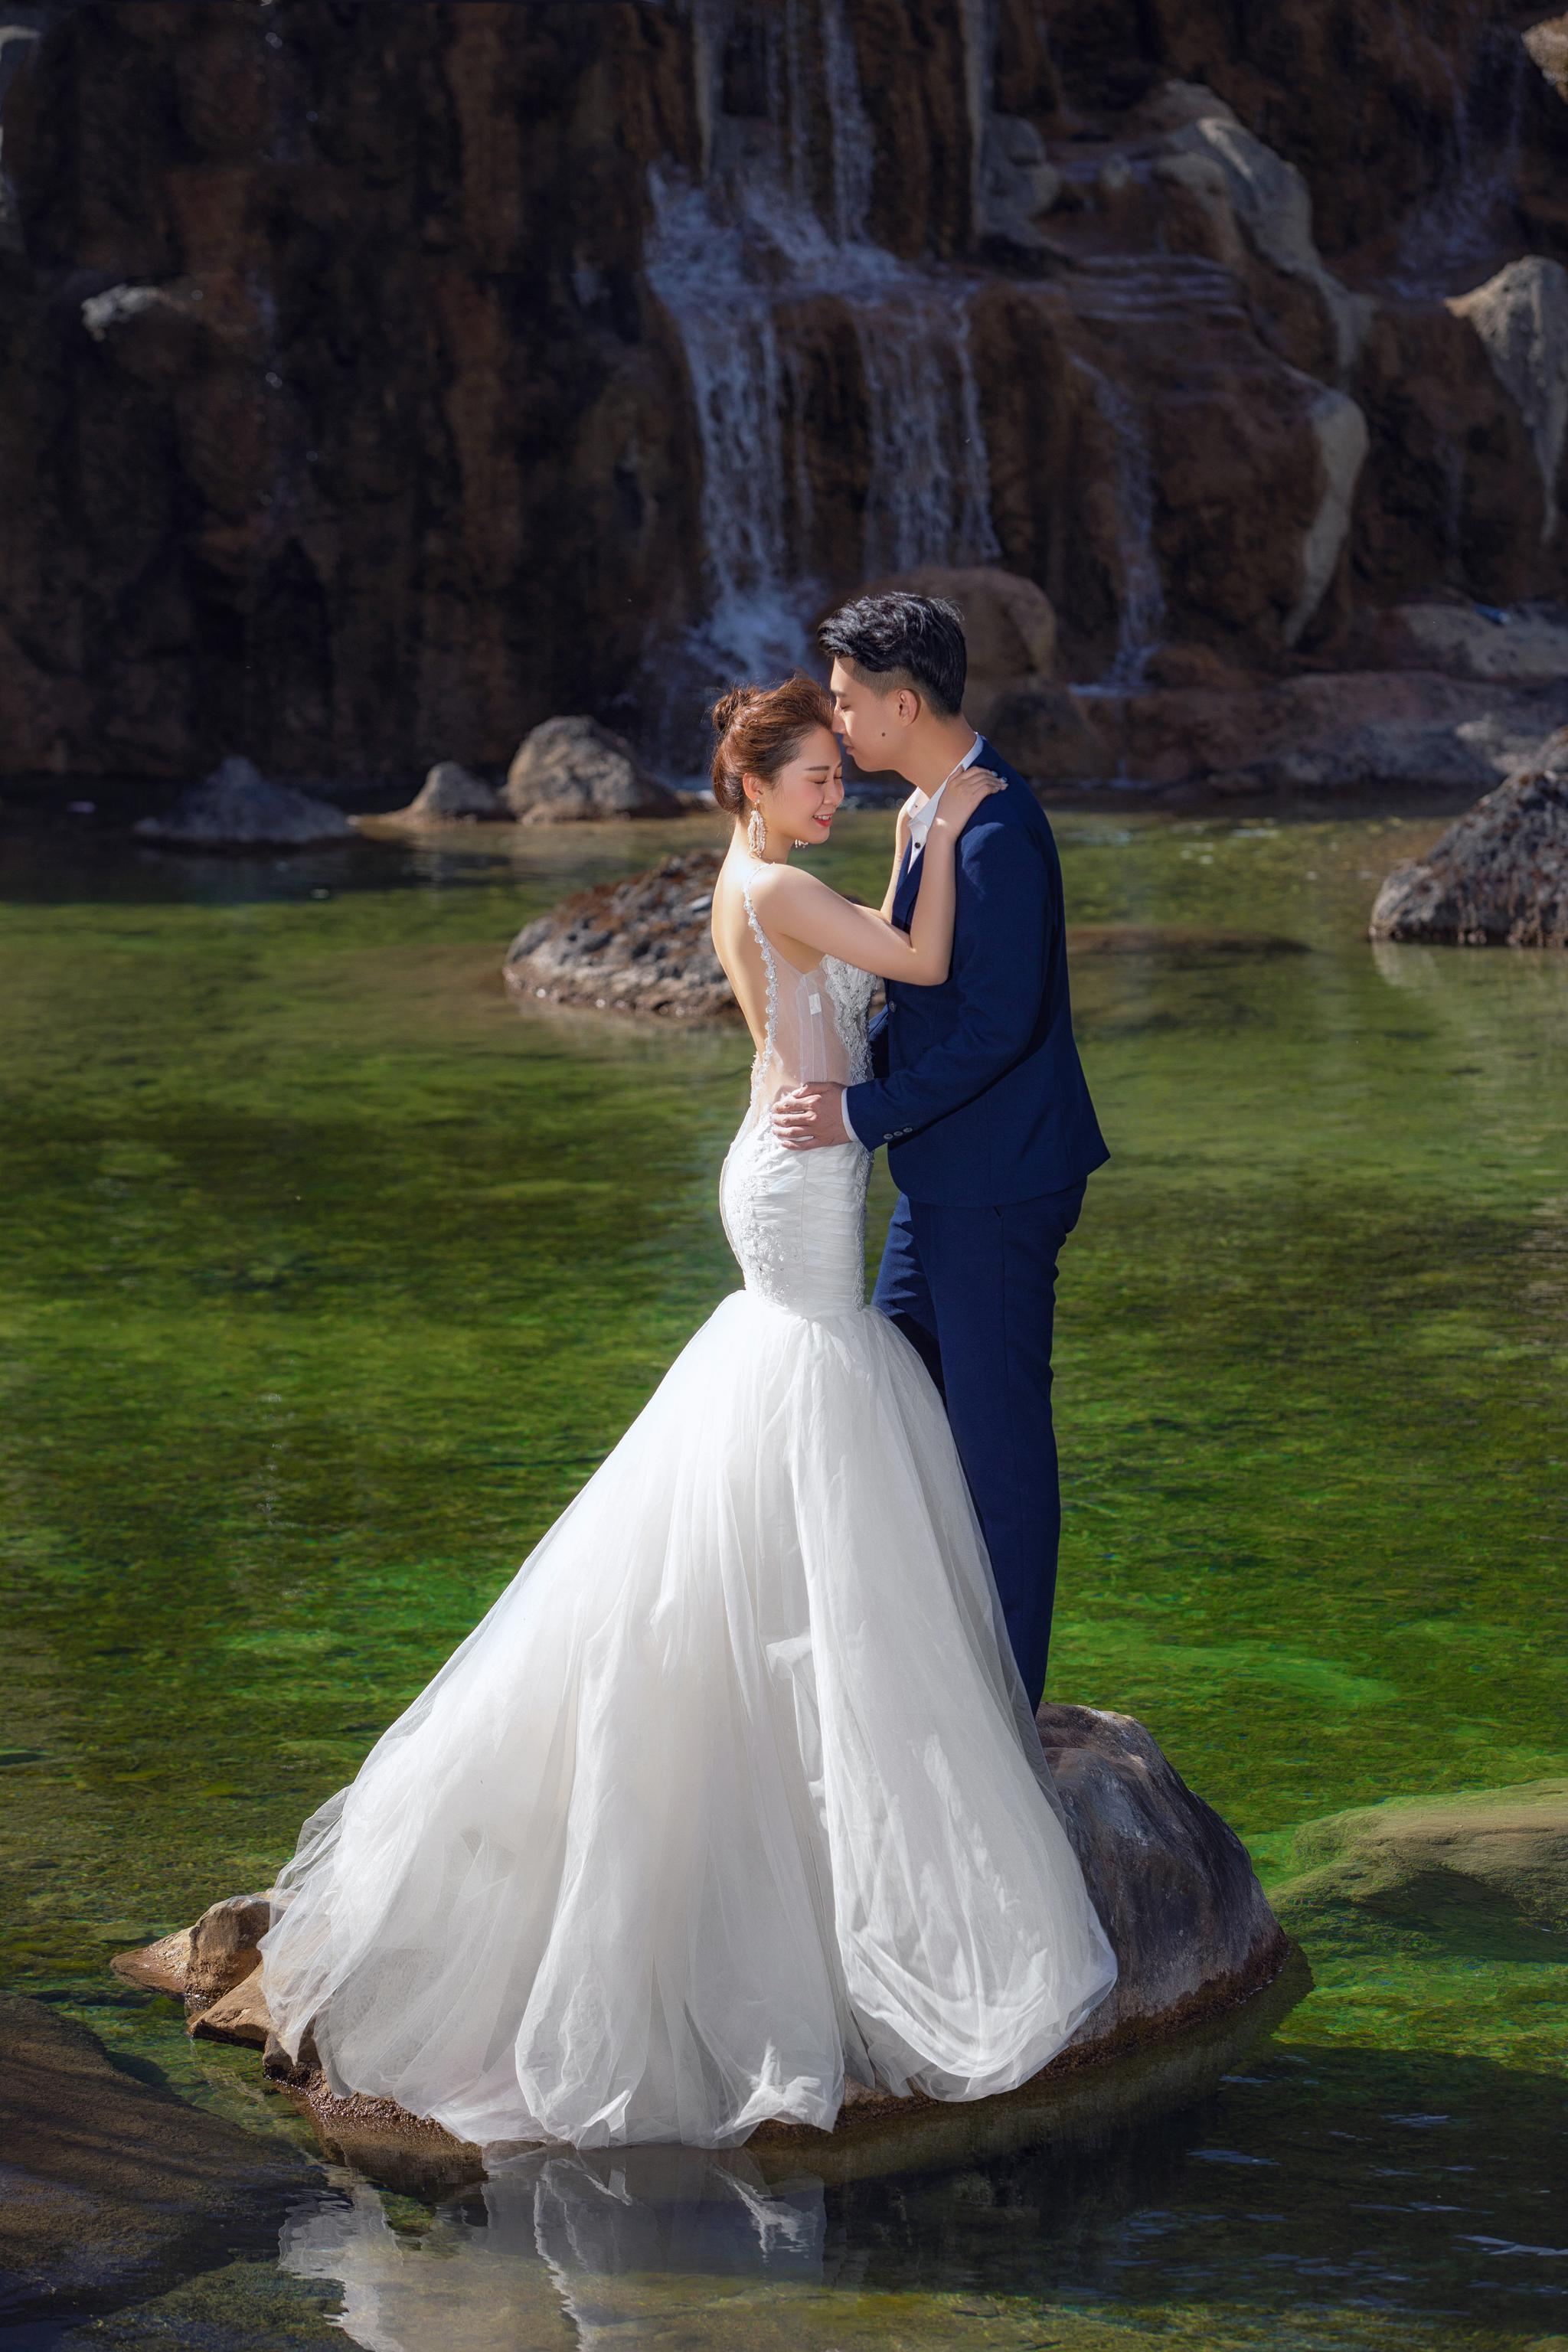 浪漫的丽江拍婚纱照景点推荐,记得领取这份专属攻略